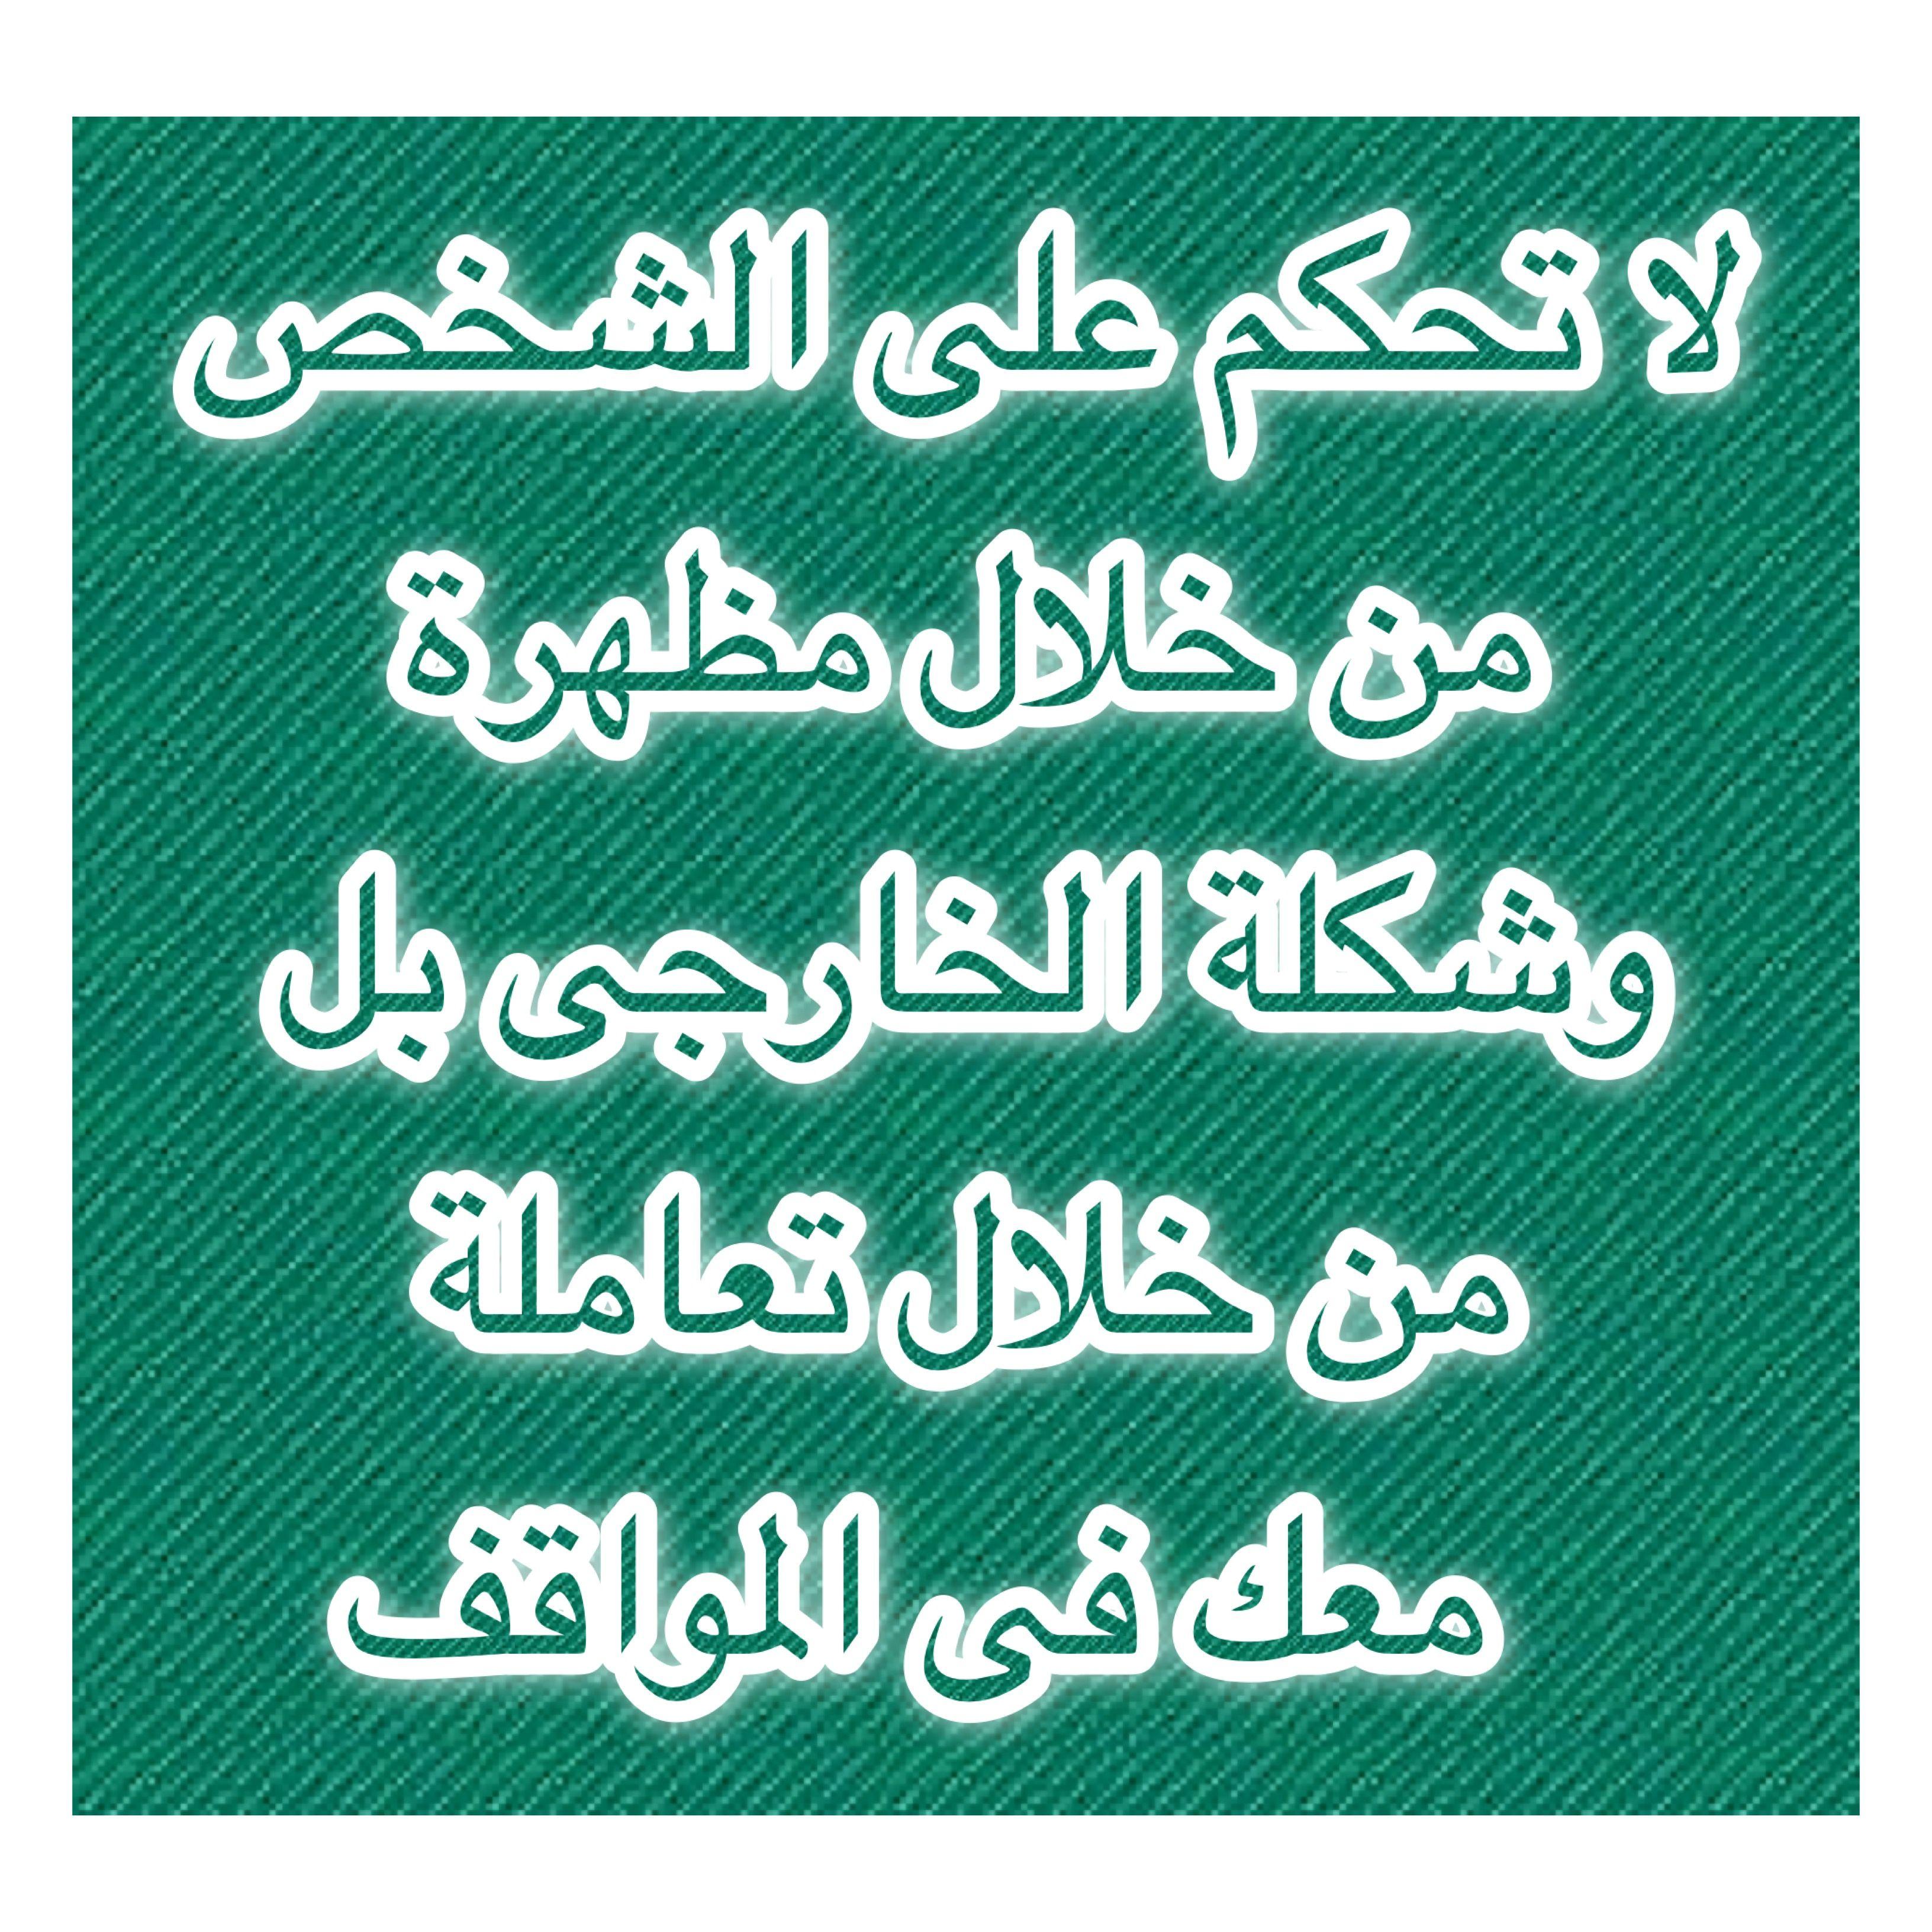 لا تحكم على الشخص من خلال مظهرة Islam Facts Facts Arabic Calligraphy